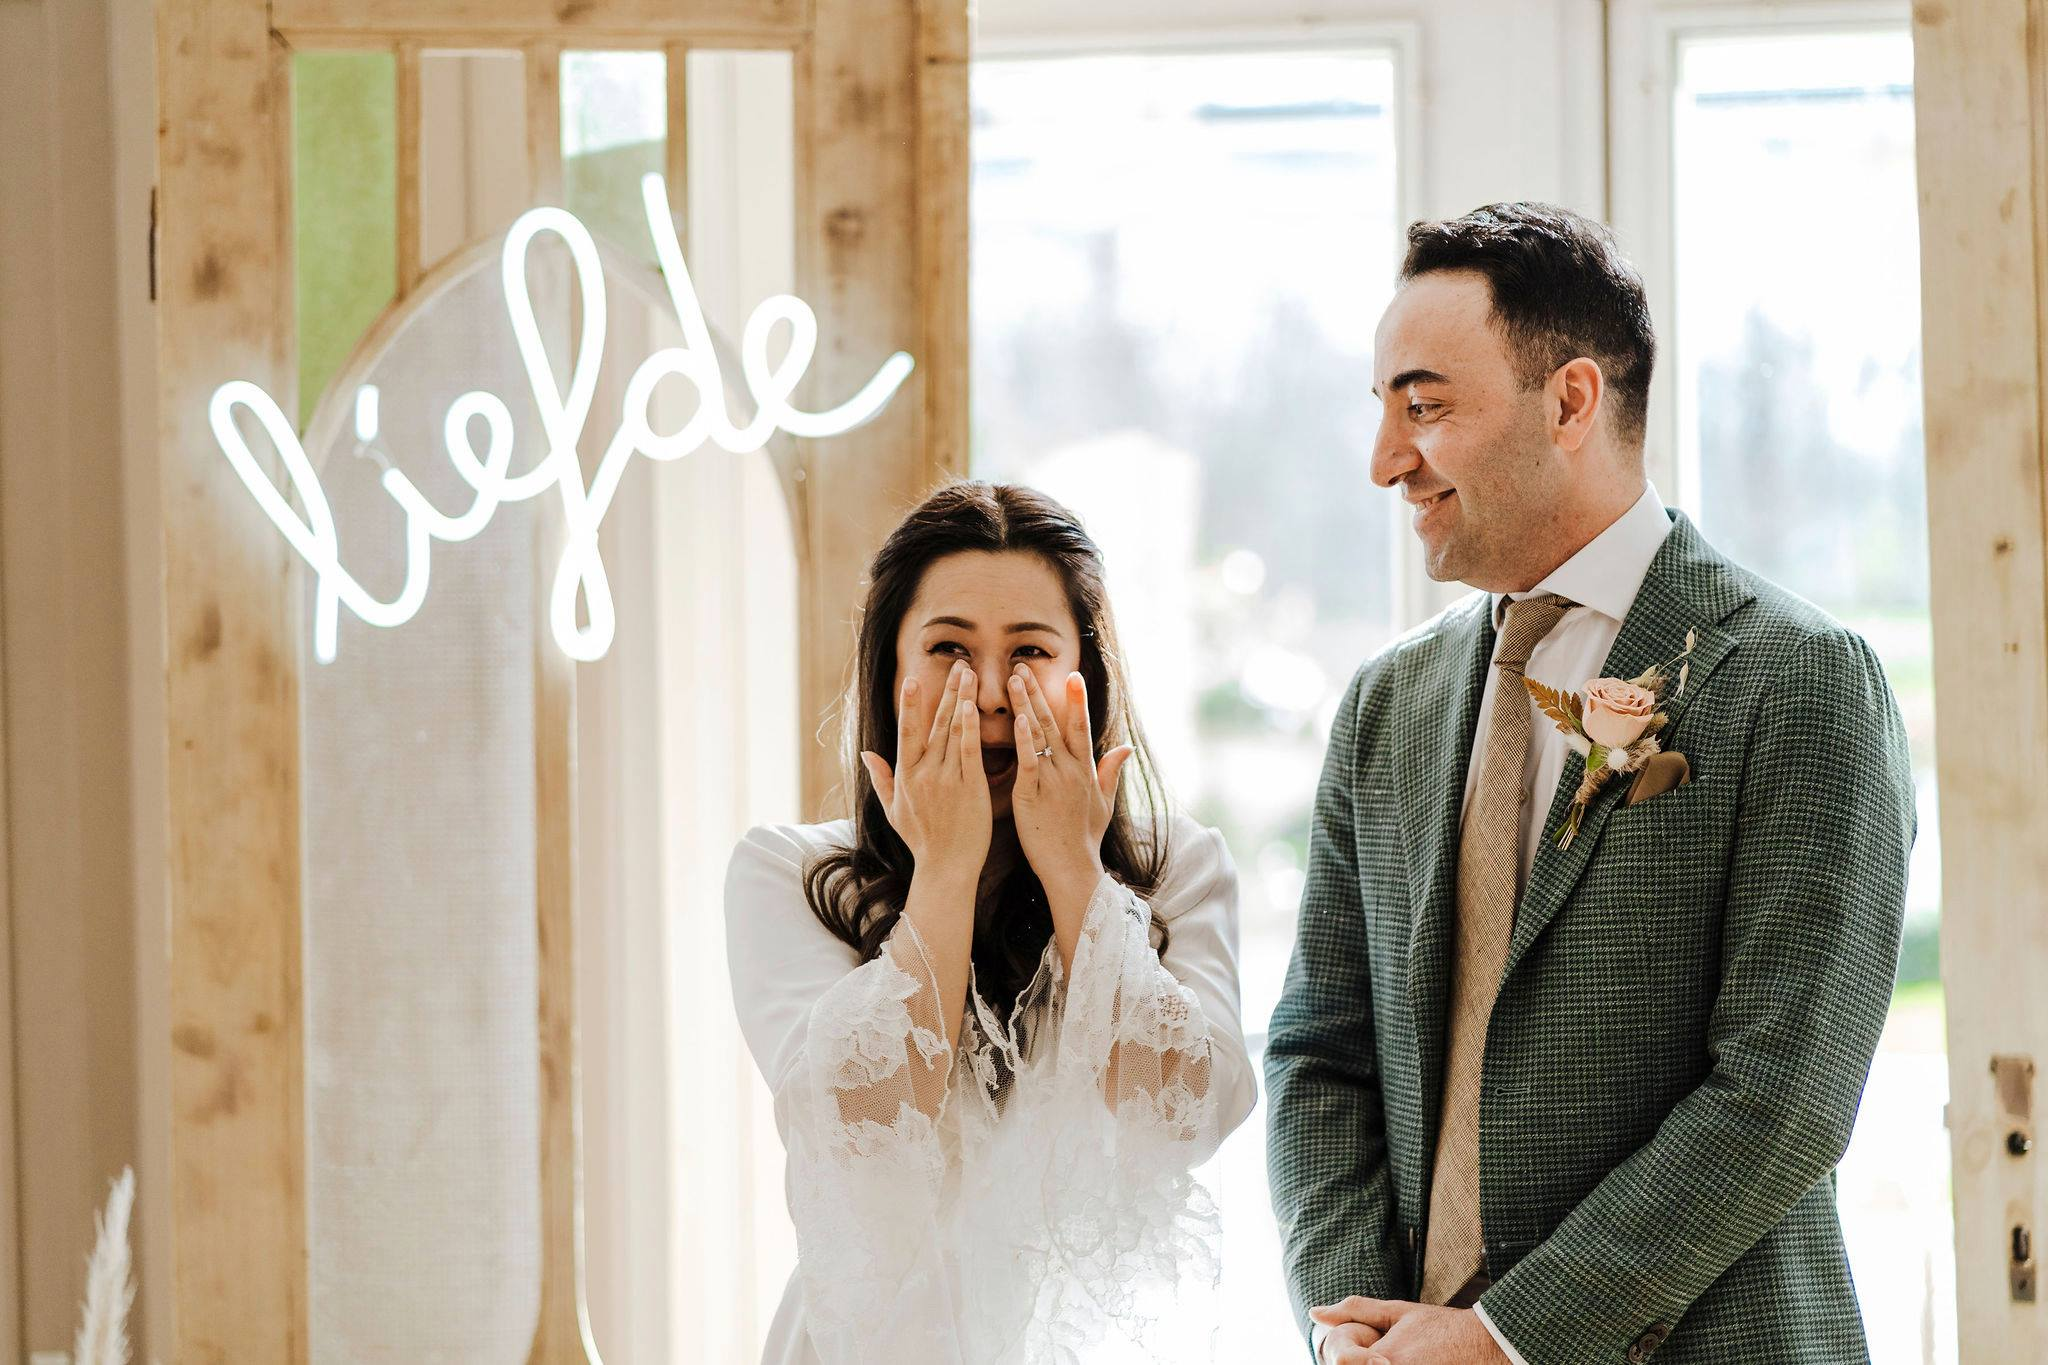 Tijdens trouwceremonie een lach en een traan